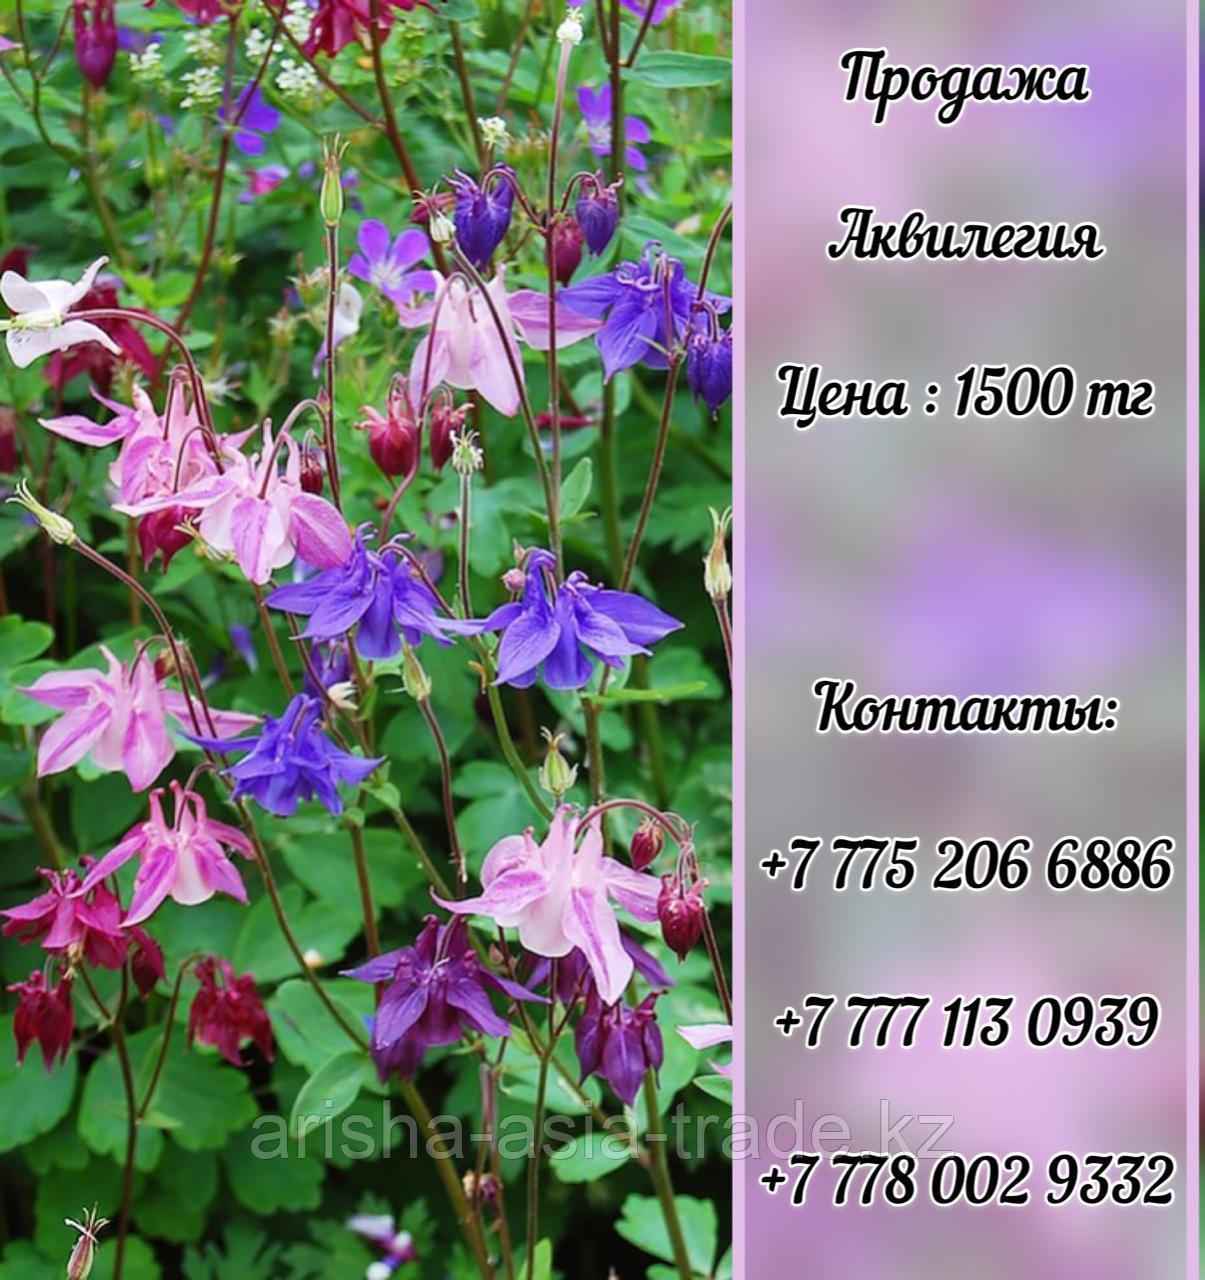 Цветы Аквилегия.